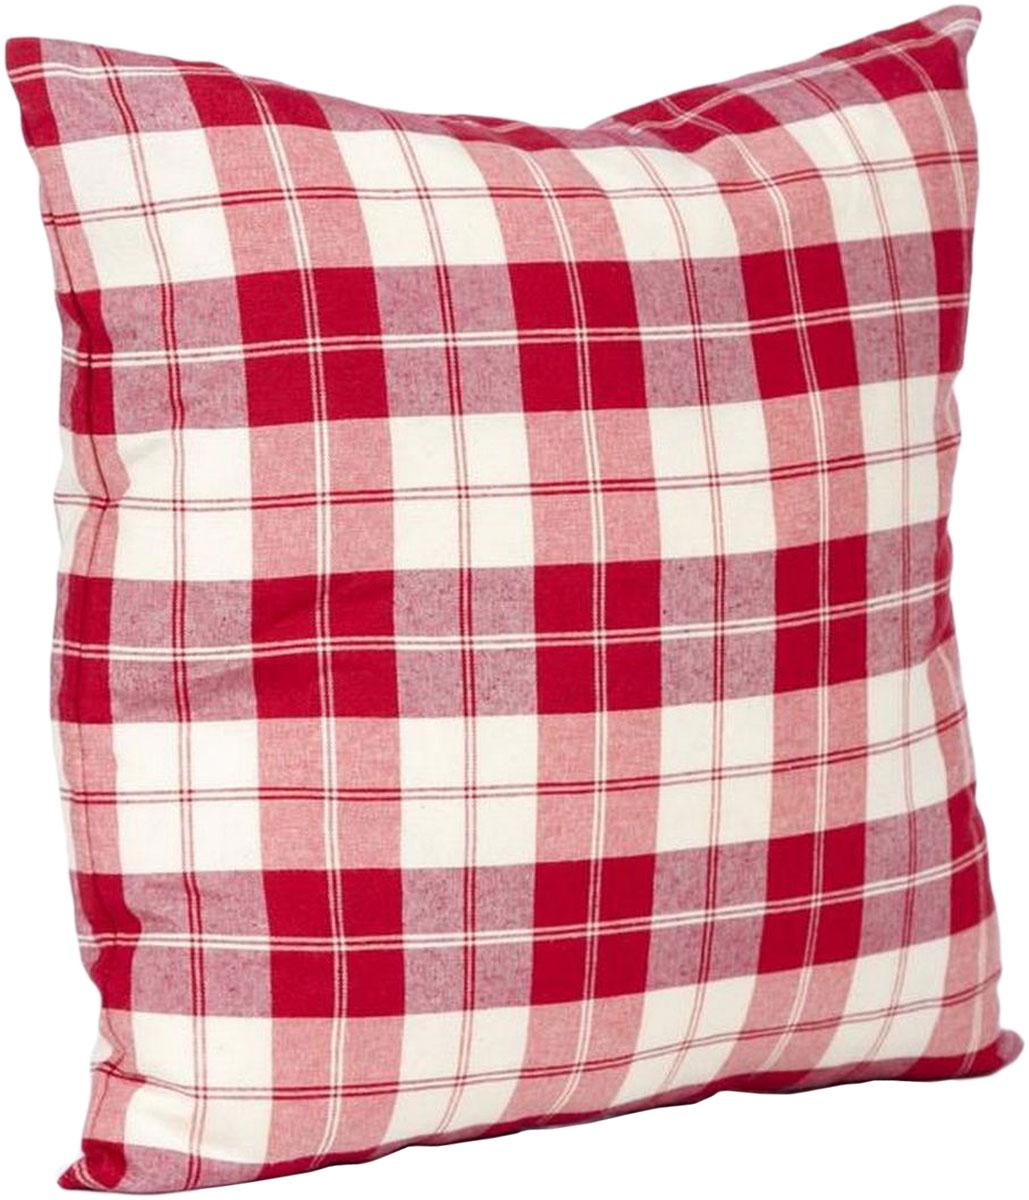 Подушка декоративная KauffOrt Коттедж, цвет: красный, 39 x 39 см штора легкая kauffort barolo